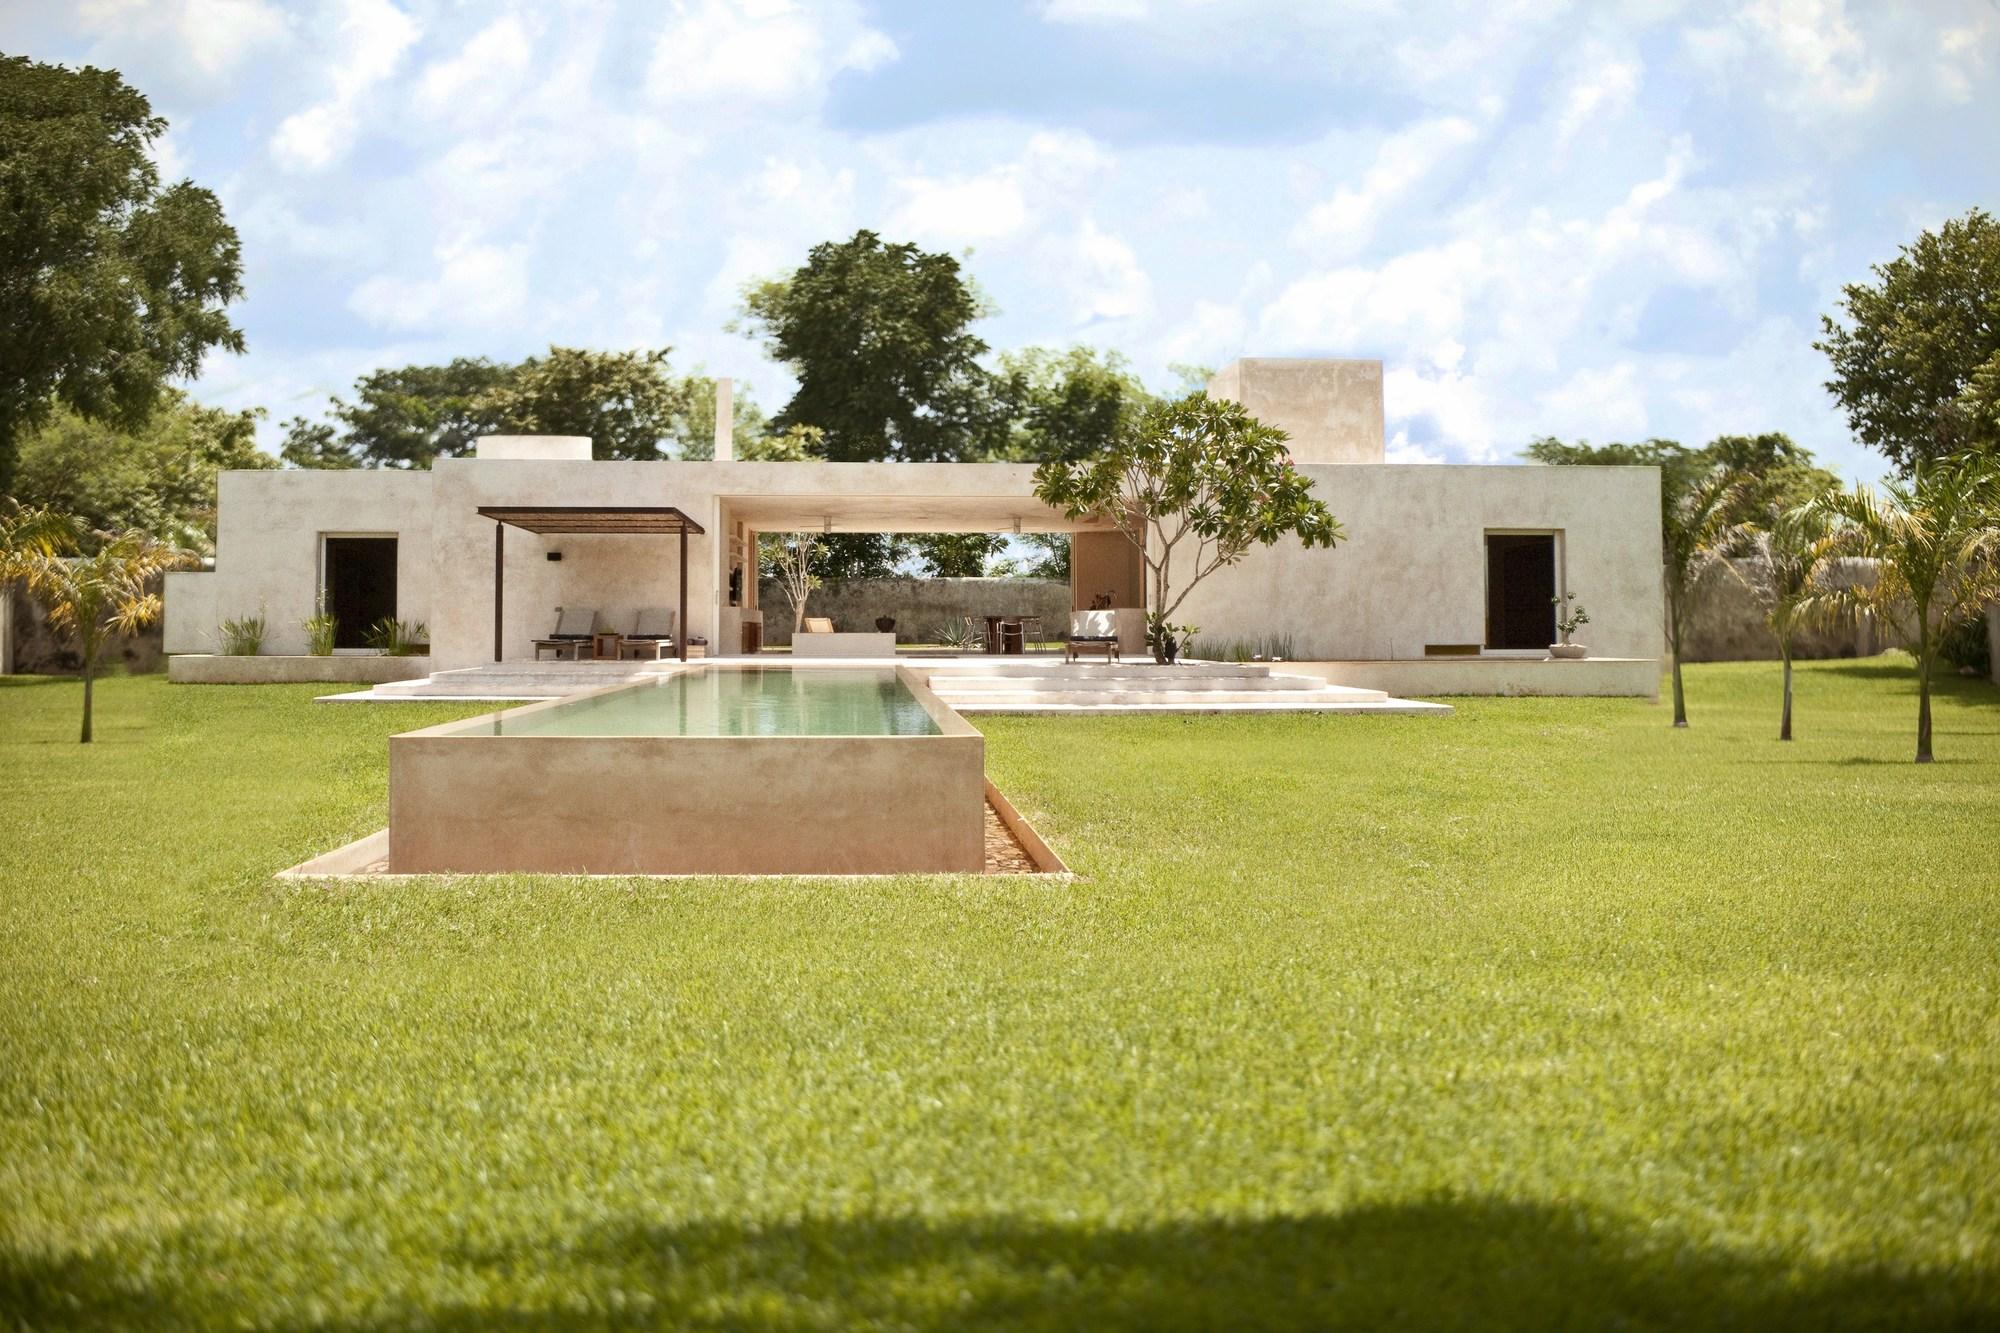 Sac Chich Hacienda / Reyes Ríos + Larraín Arquitectos